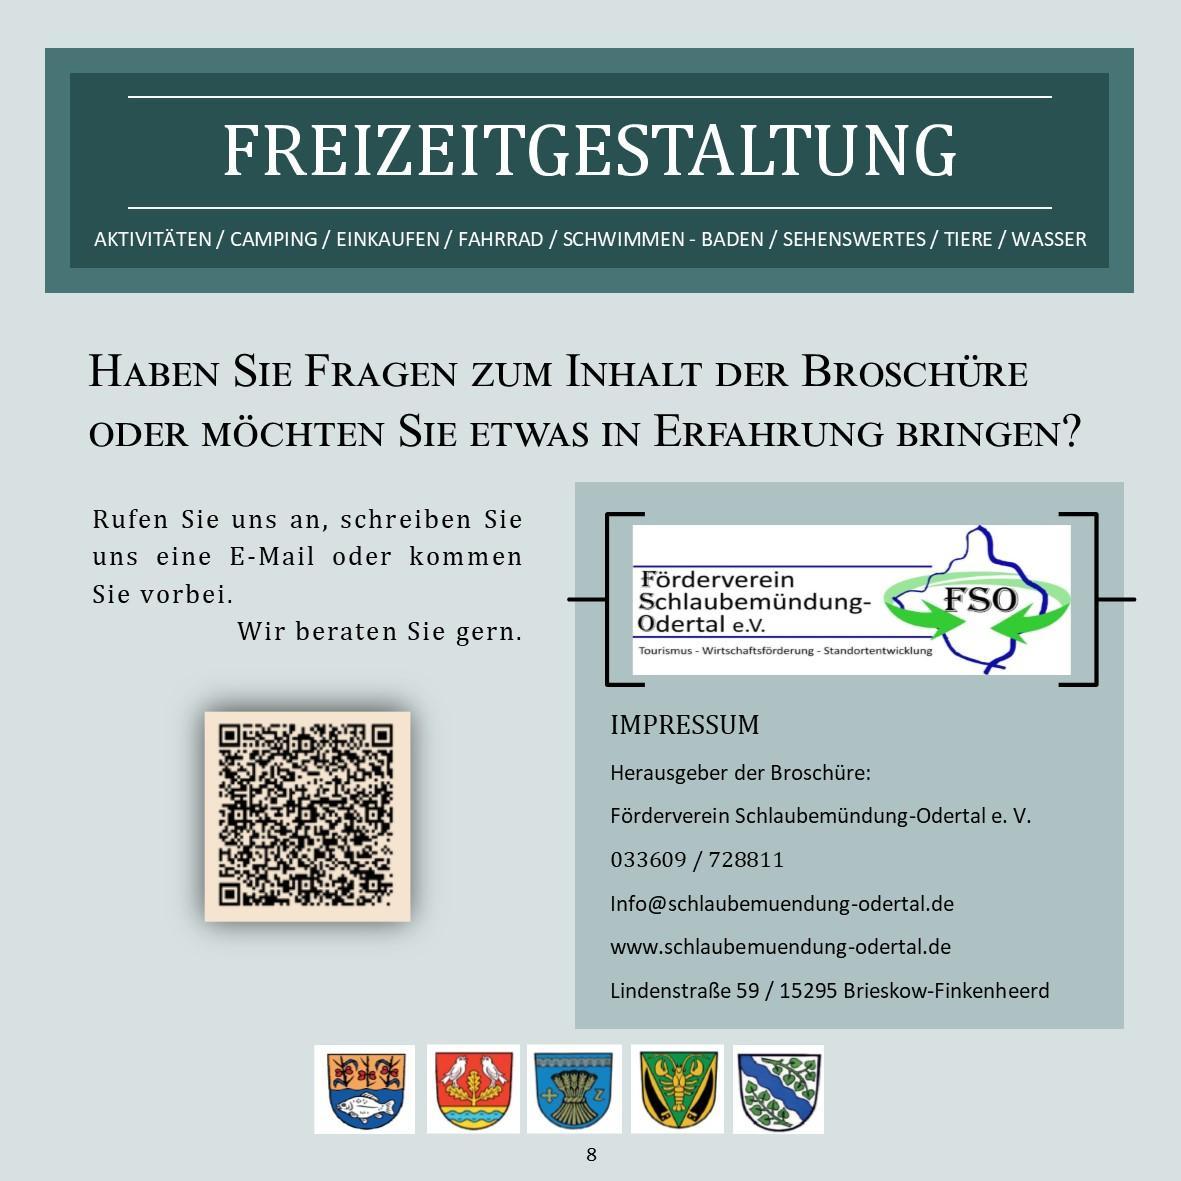 Neuzelle_Freizeit_Kärtchen_Aktivitäten8